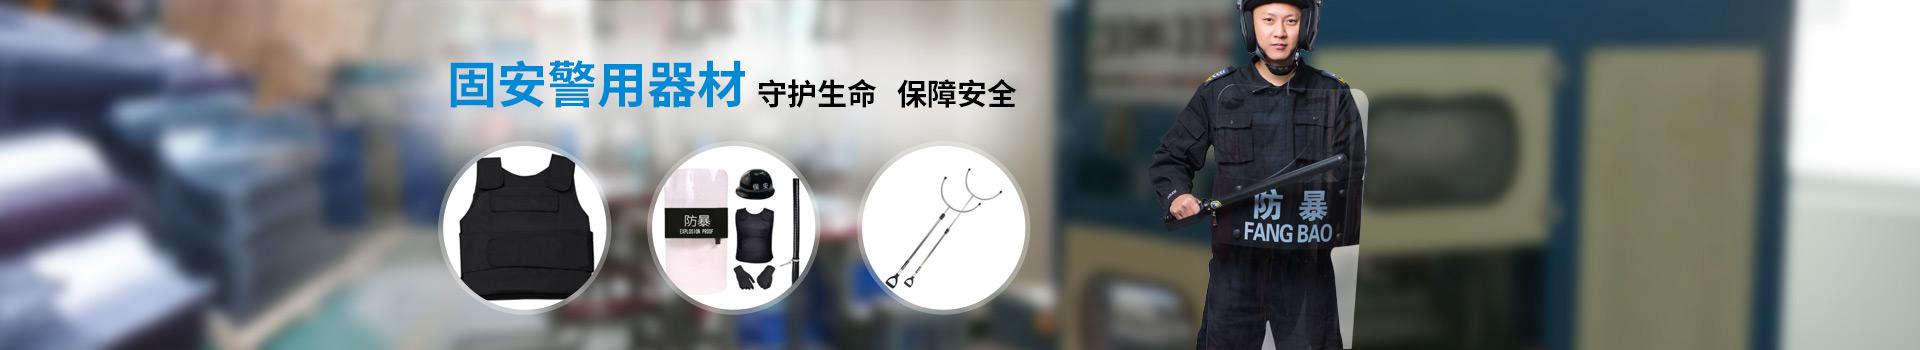 固安警用器材/装备    守护生命   保障安全